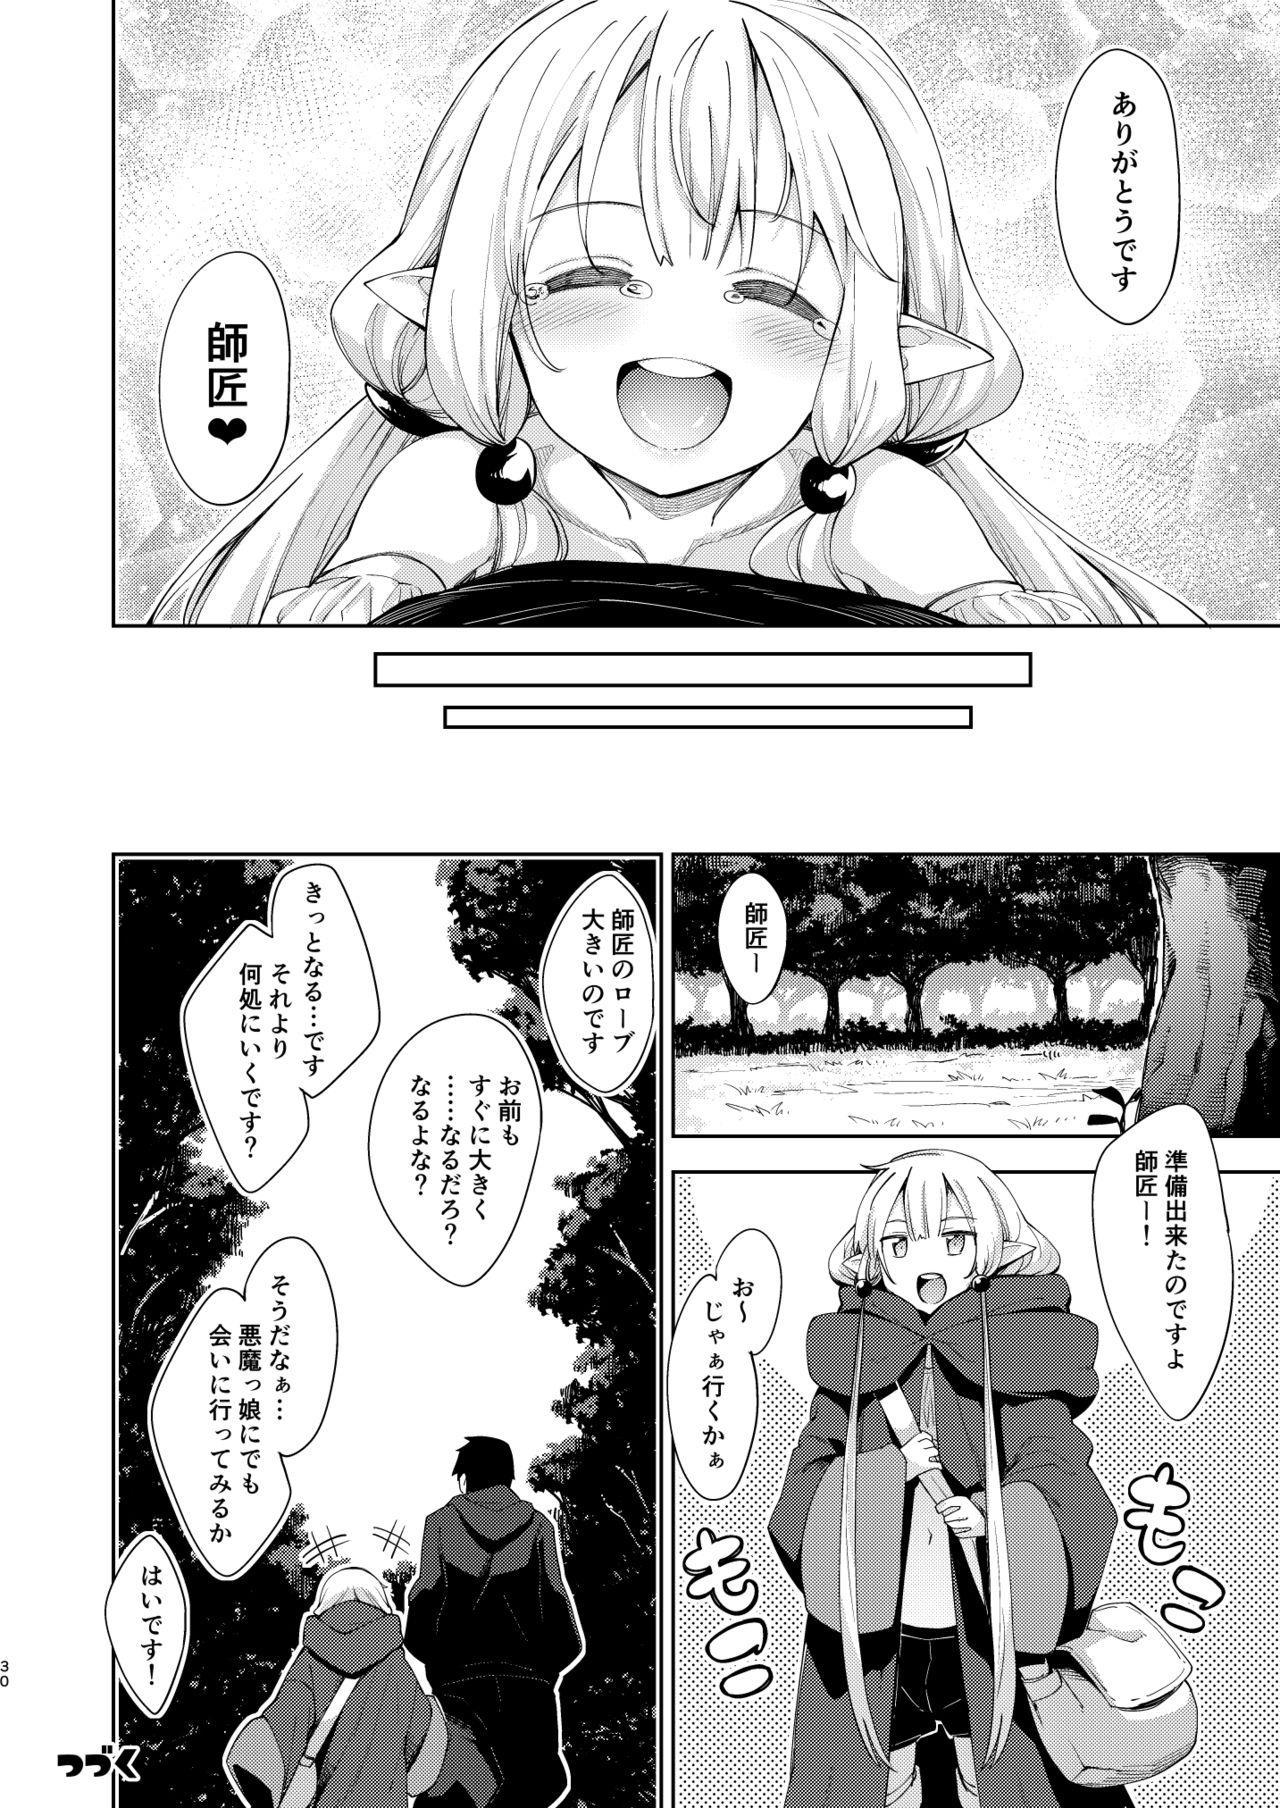 Isekai Kita no de Mahou o Sukebe na Koto ni Riyou Shiyou to Omou II 28